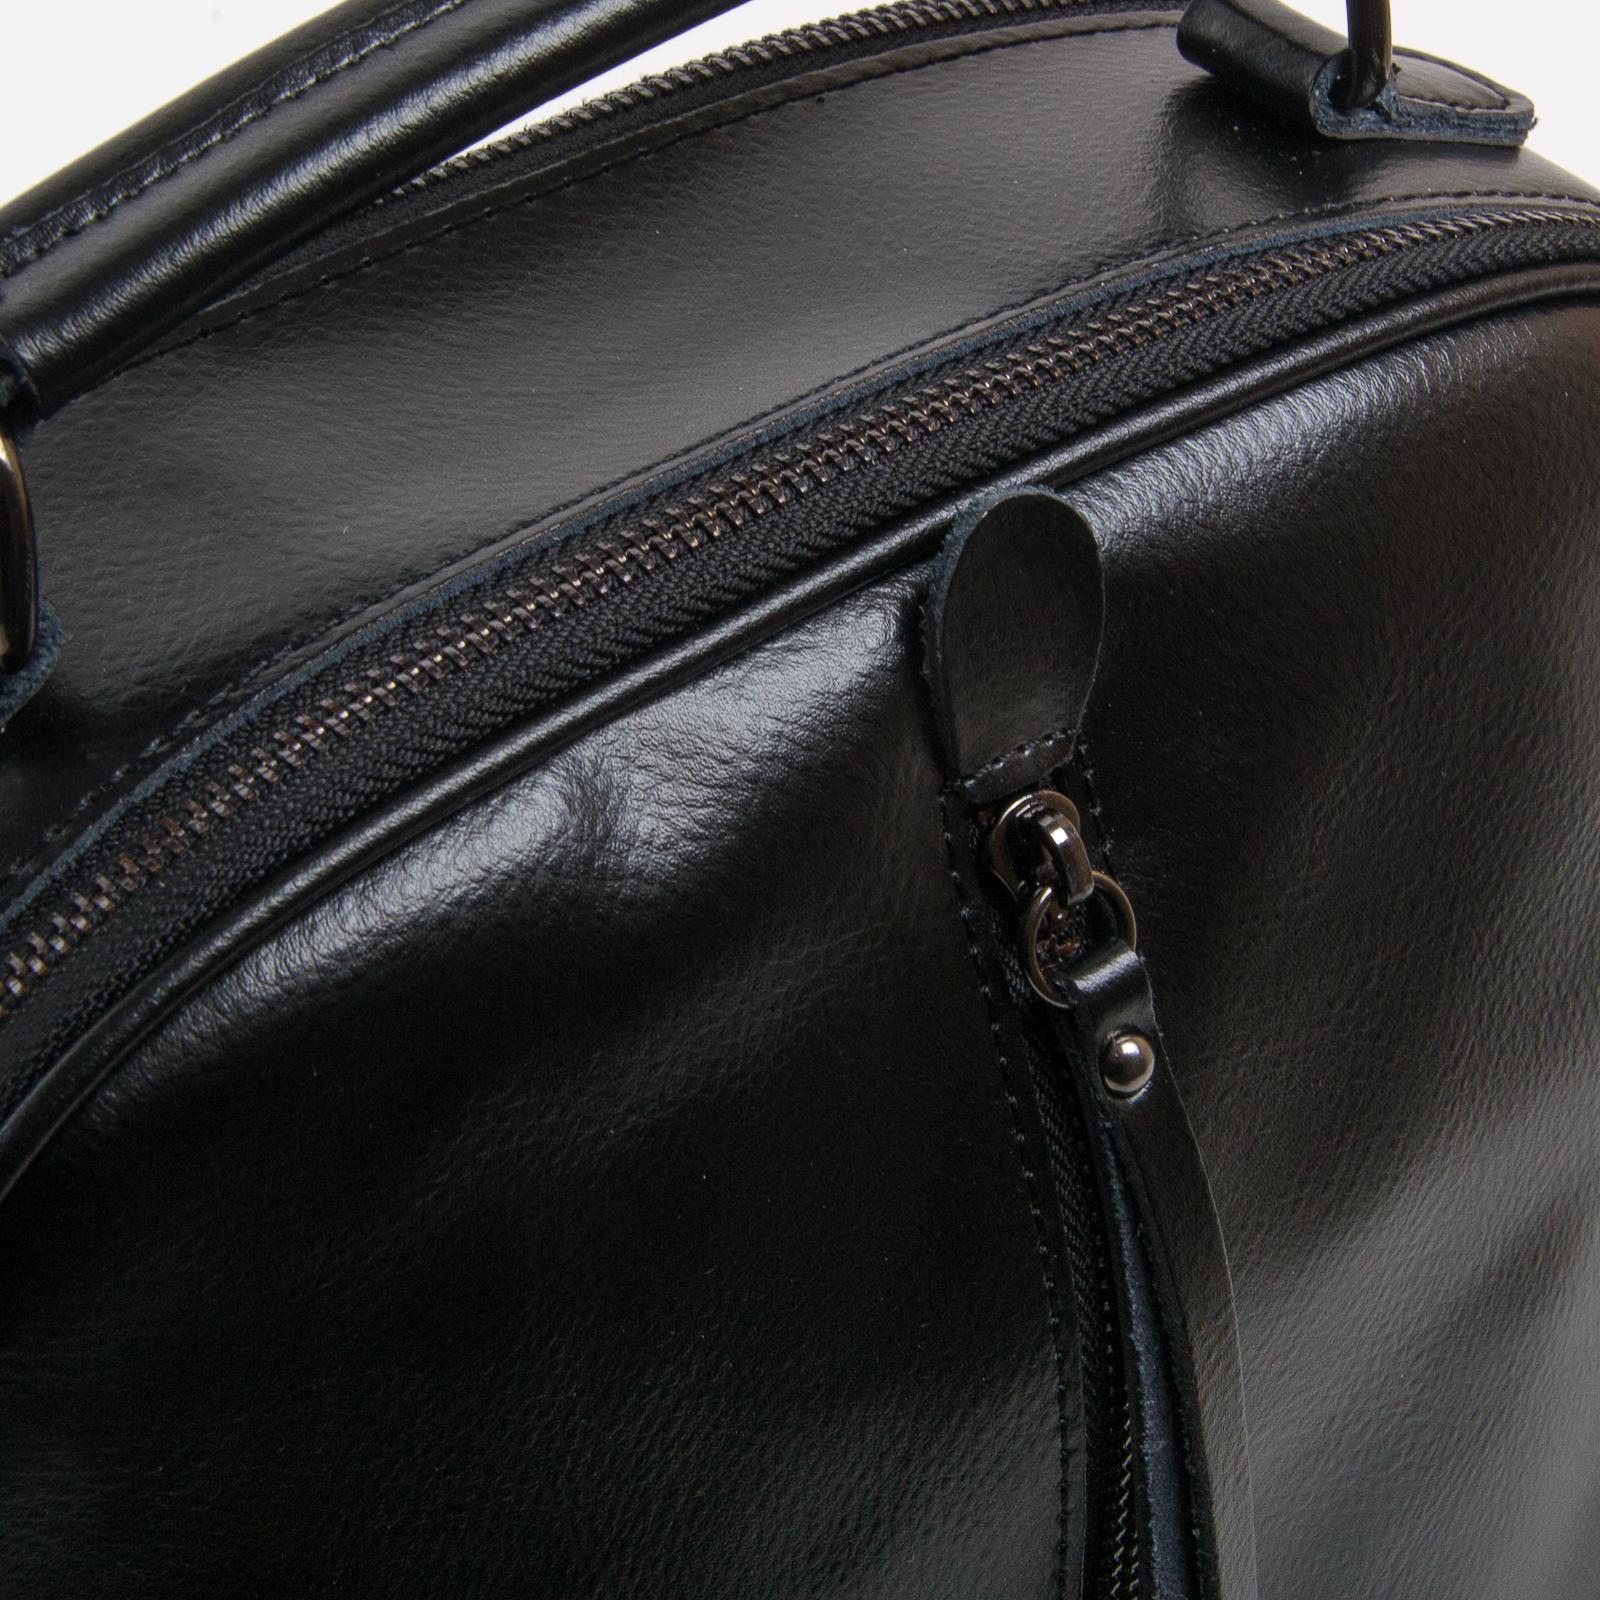 Сумка Женская Классическая кожа ALEX RAI 03-01 8694-3 black - фото 3